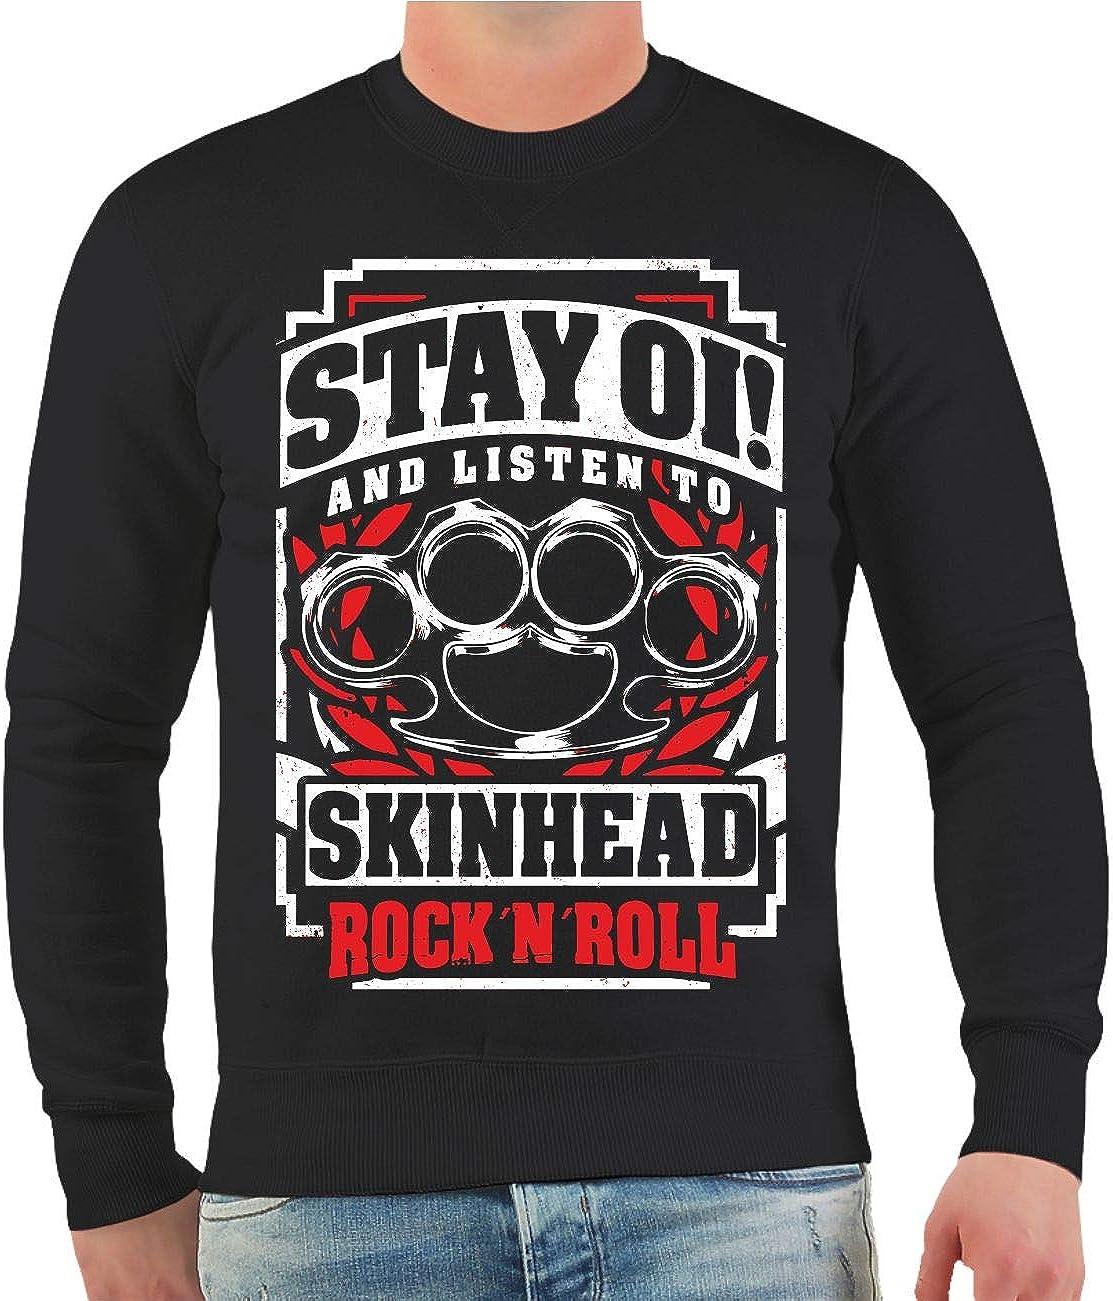 Life Is Pain OI Skinhead Rockn Roll - Sudadera para Hombre y Mujer, Talla S - 10XL Negro XXXXL: Amazon.es: Ropa y accesorios